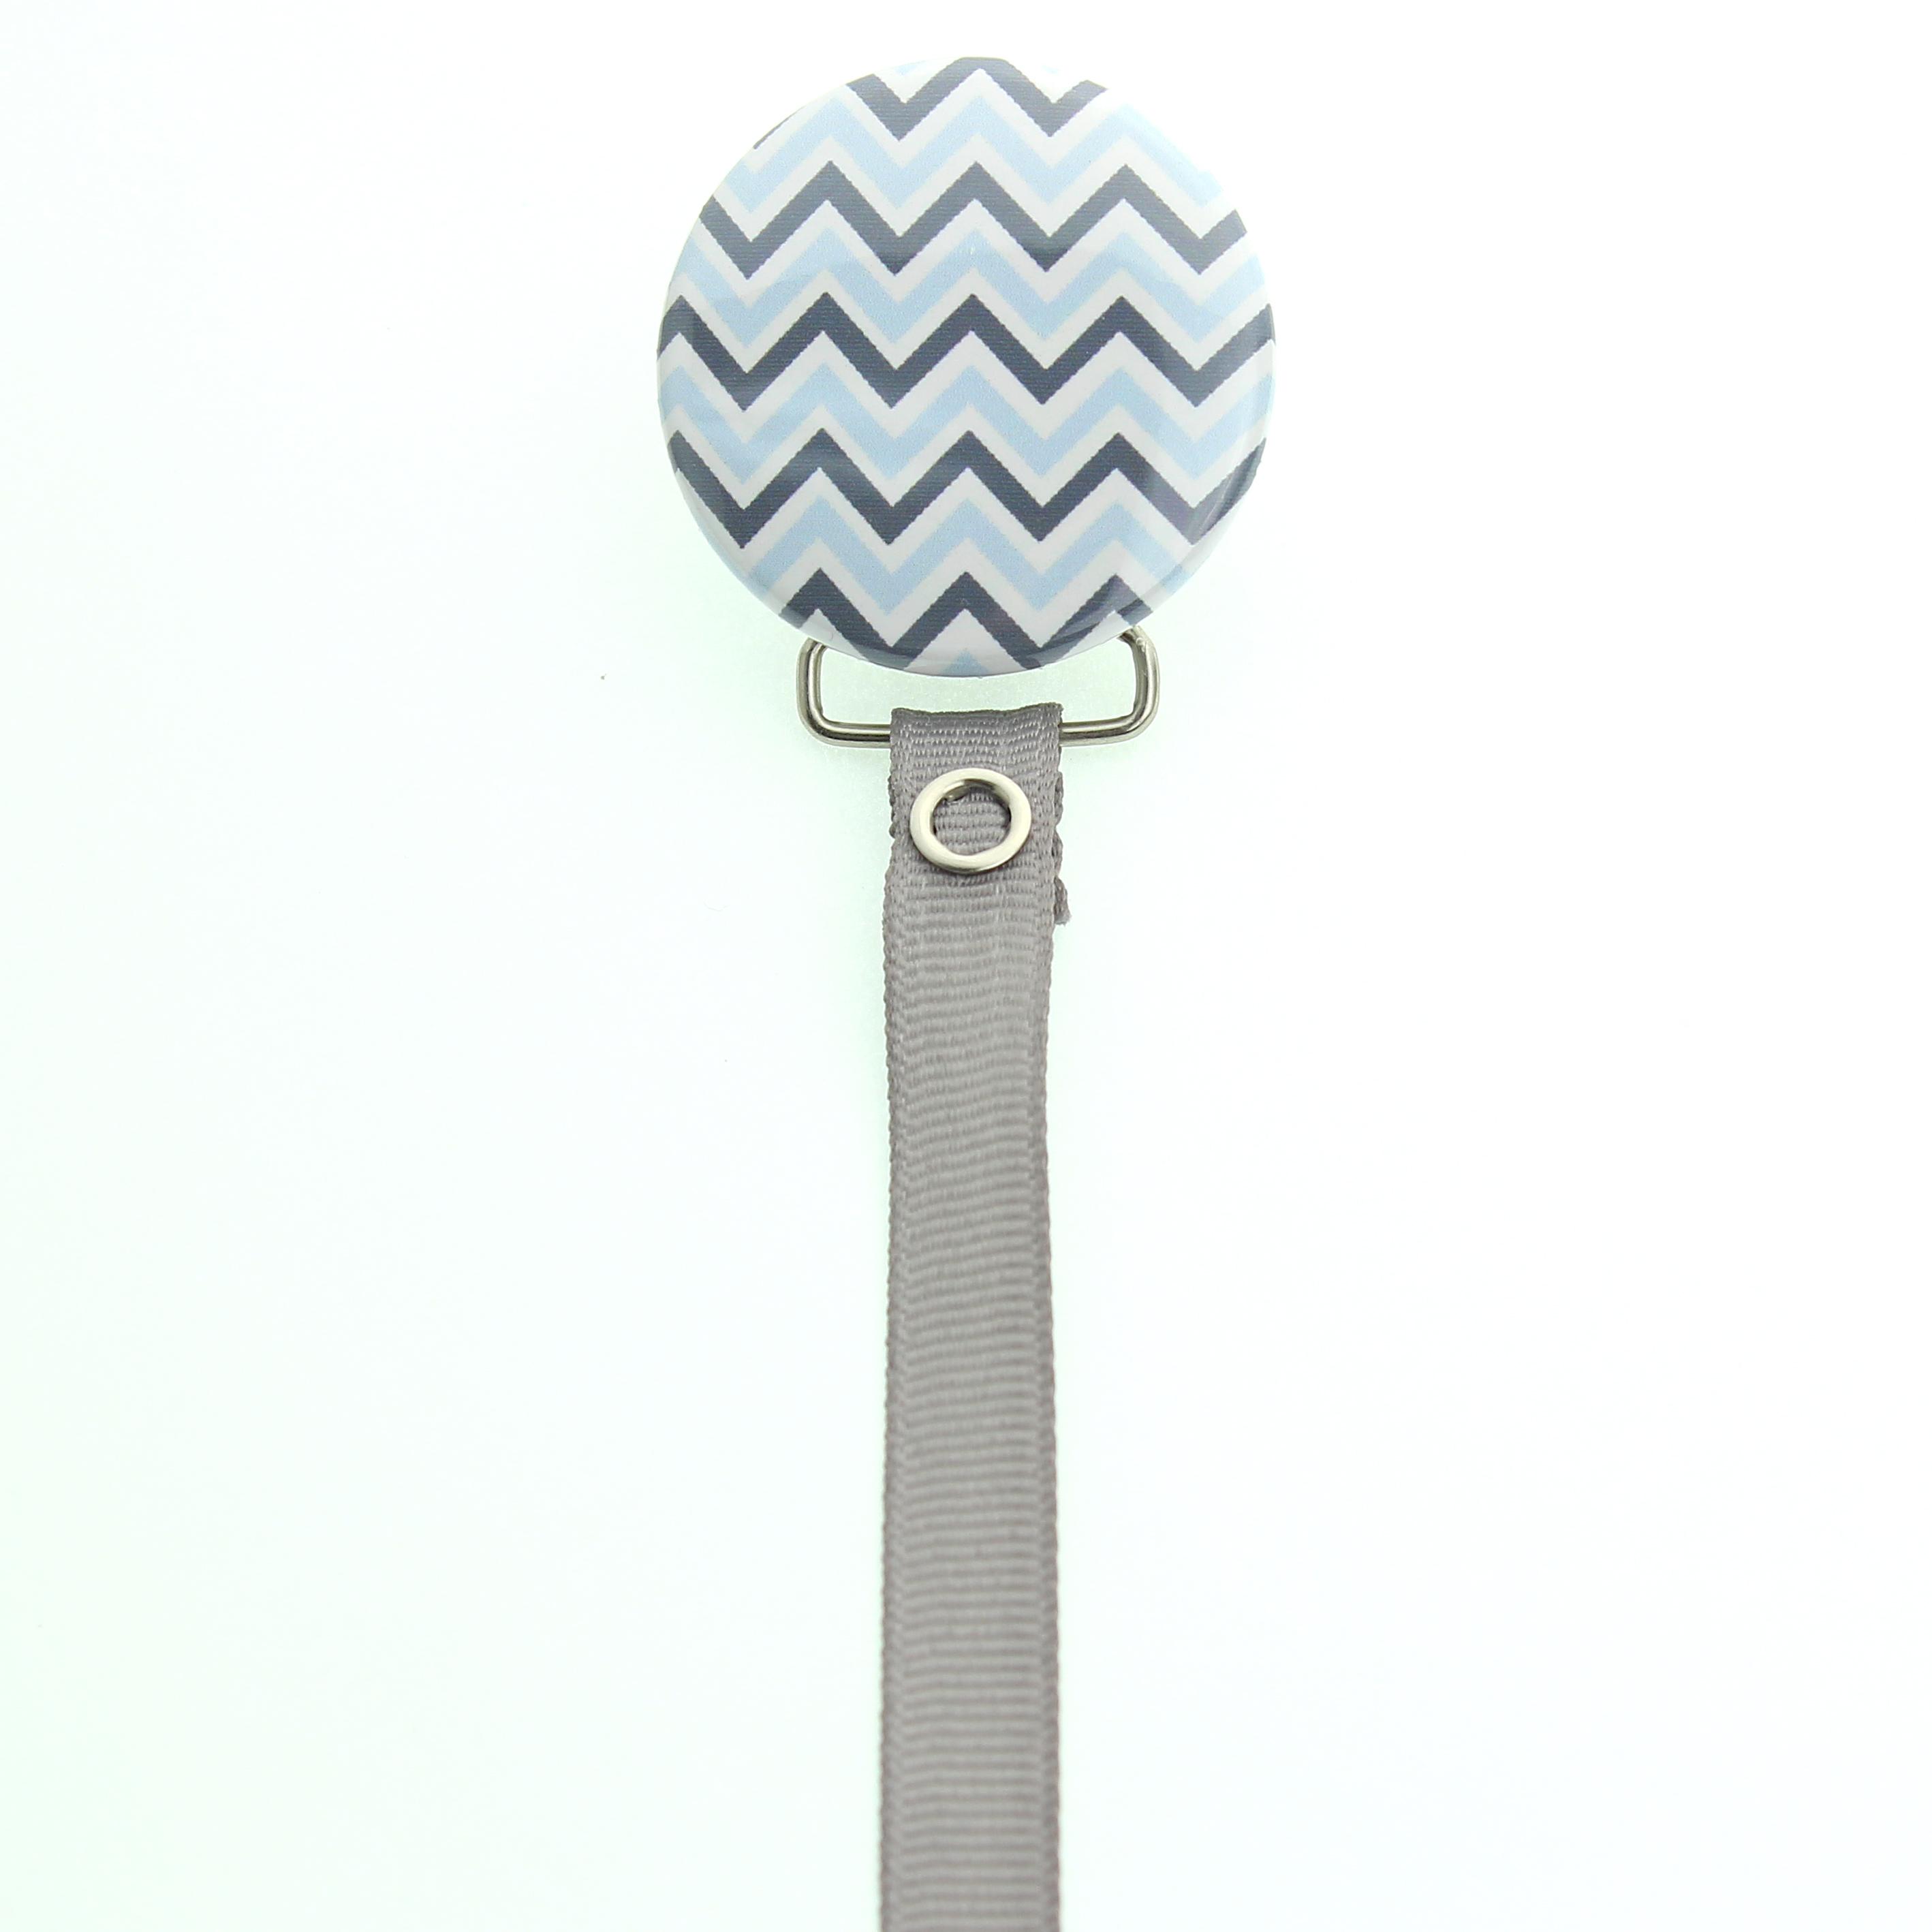 Chevron Design Ribbon Pacifier Clip